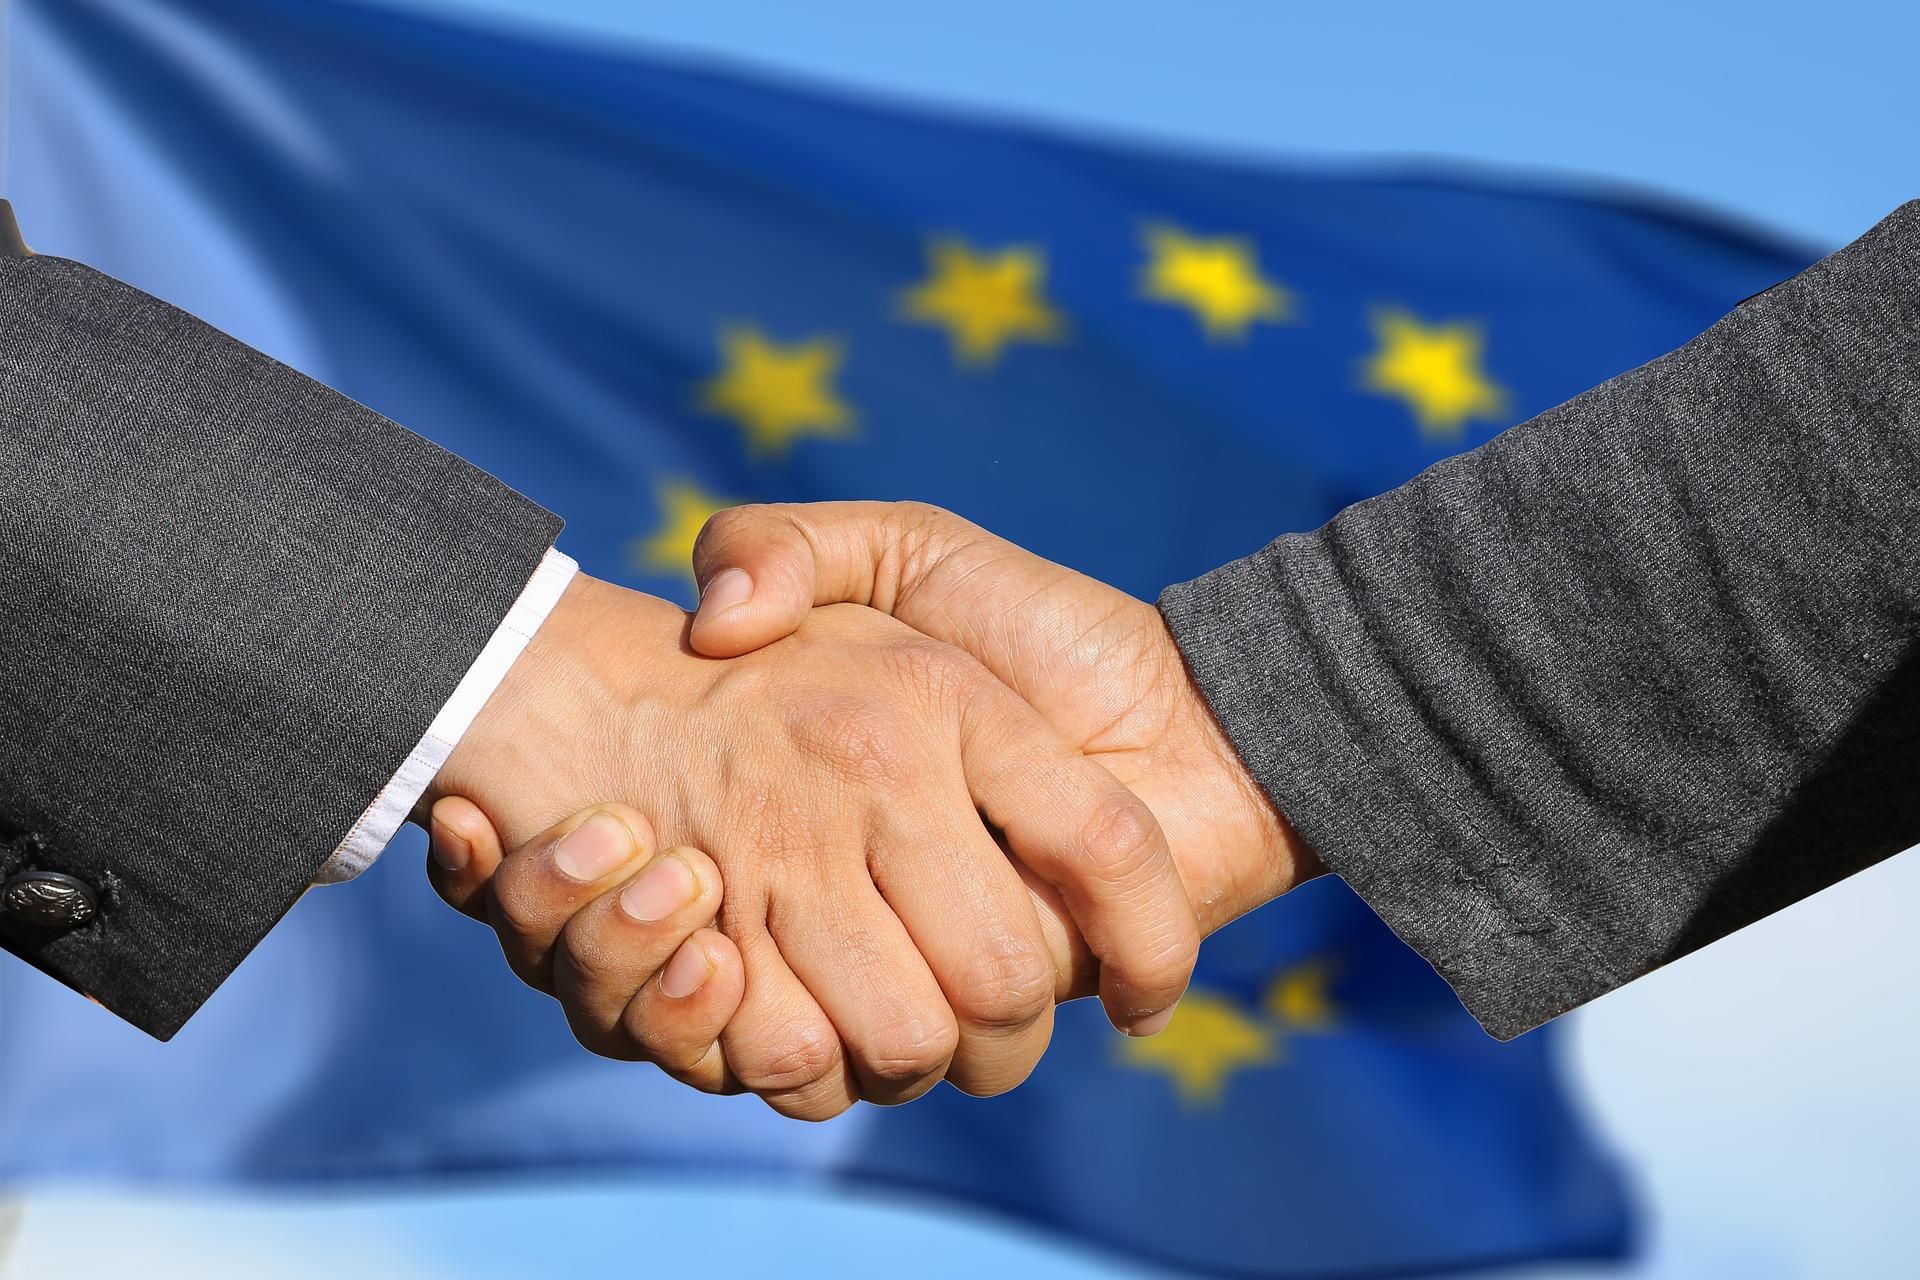 Handslag framför EU-flagga.